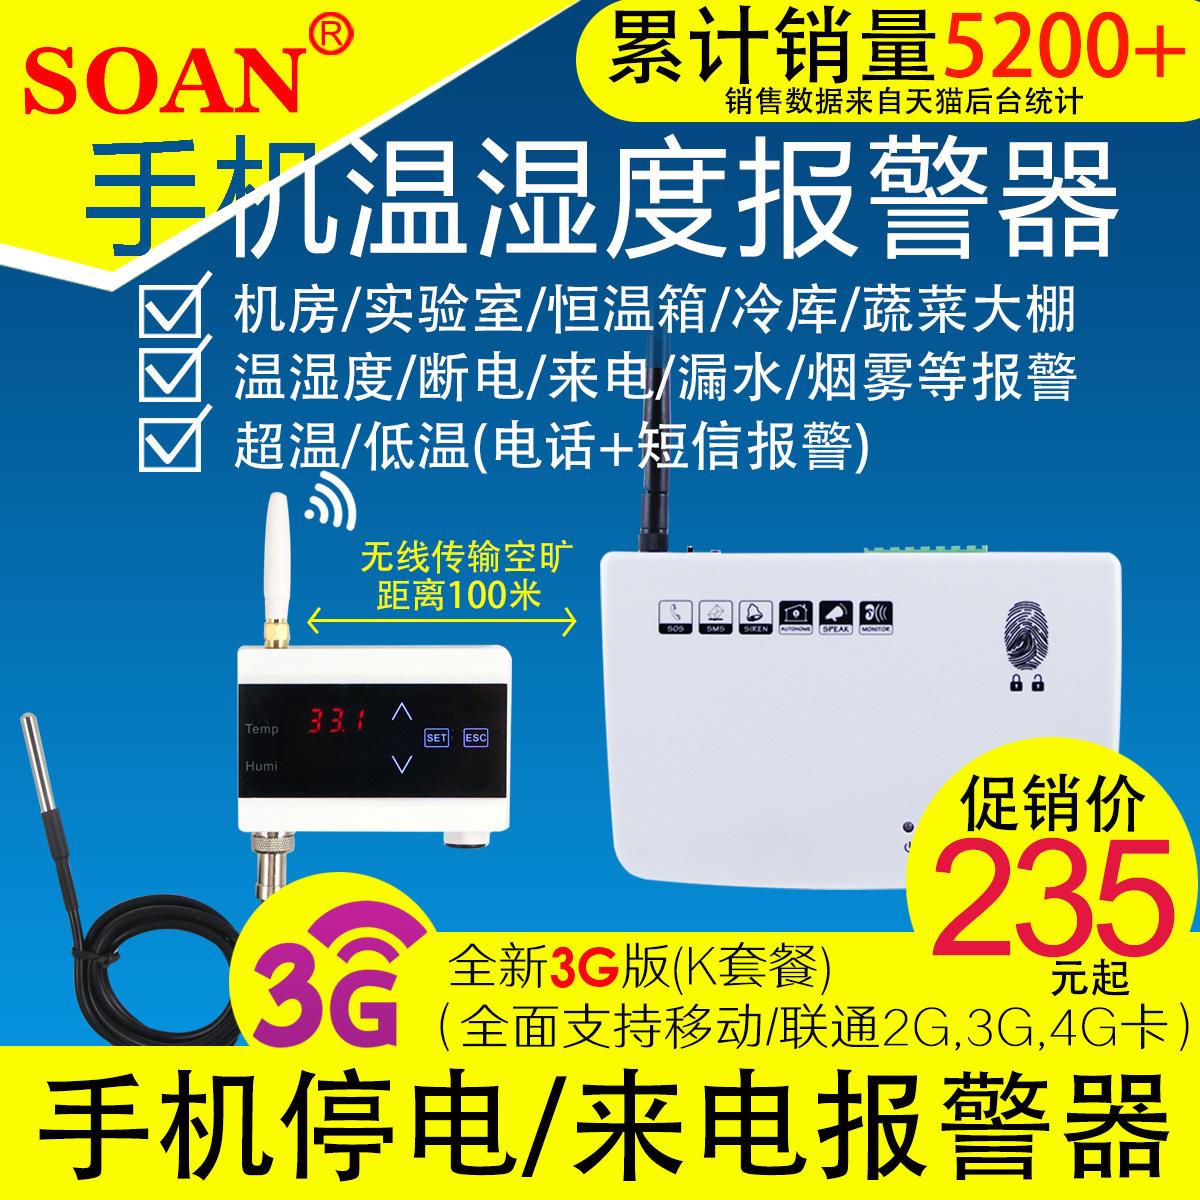 gsm机房温度报警器 手机短信温湿度漏水停断电报警器环境监控系统